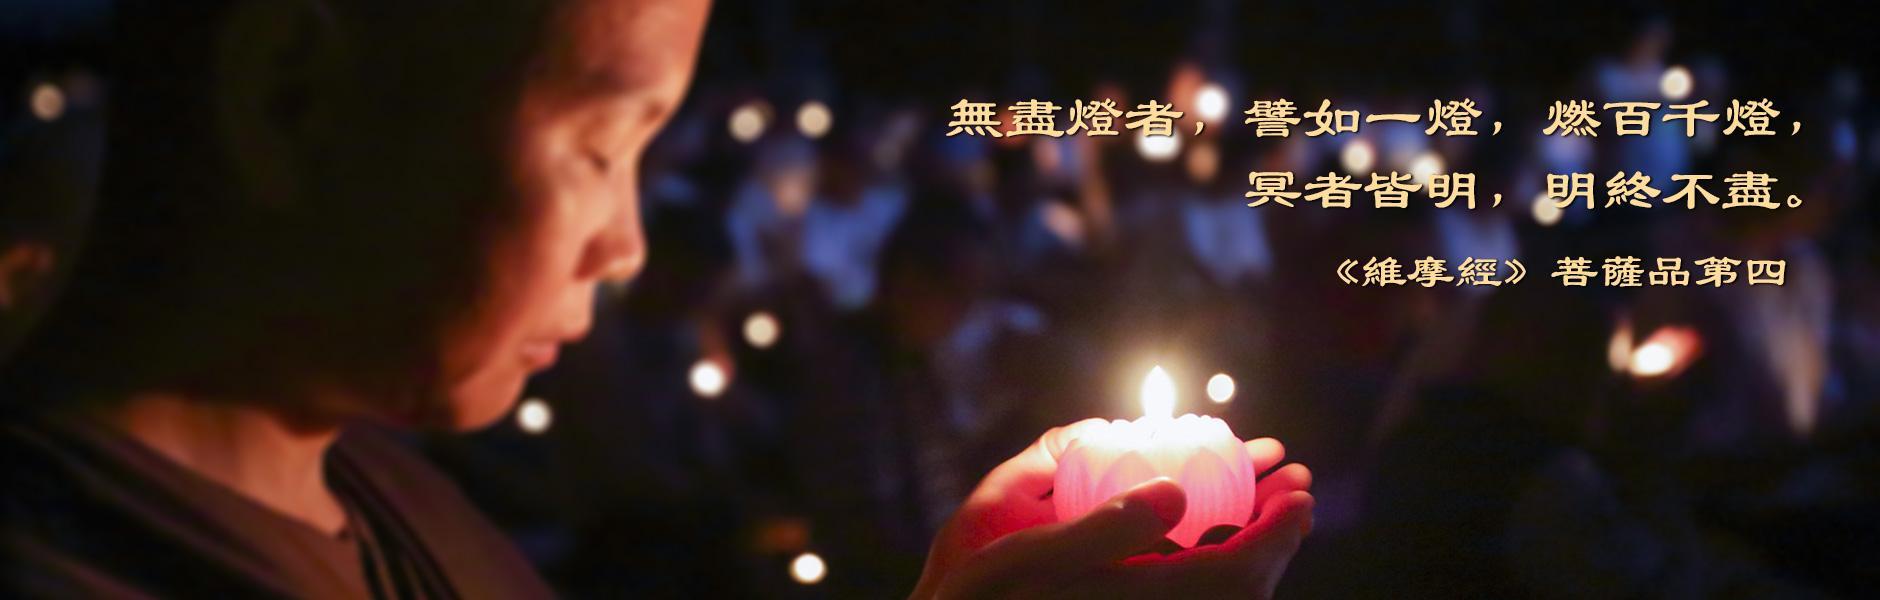 無盡燈者,譬如一燈,燃百千燈, 冥者皆明,明終不盡。